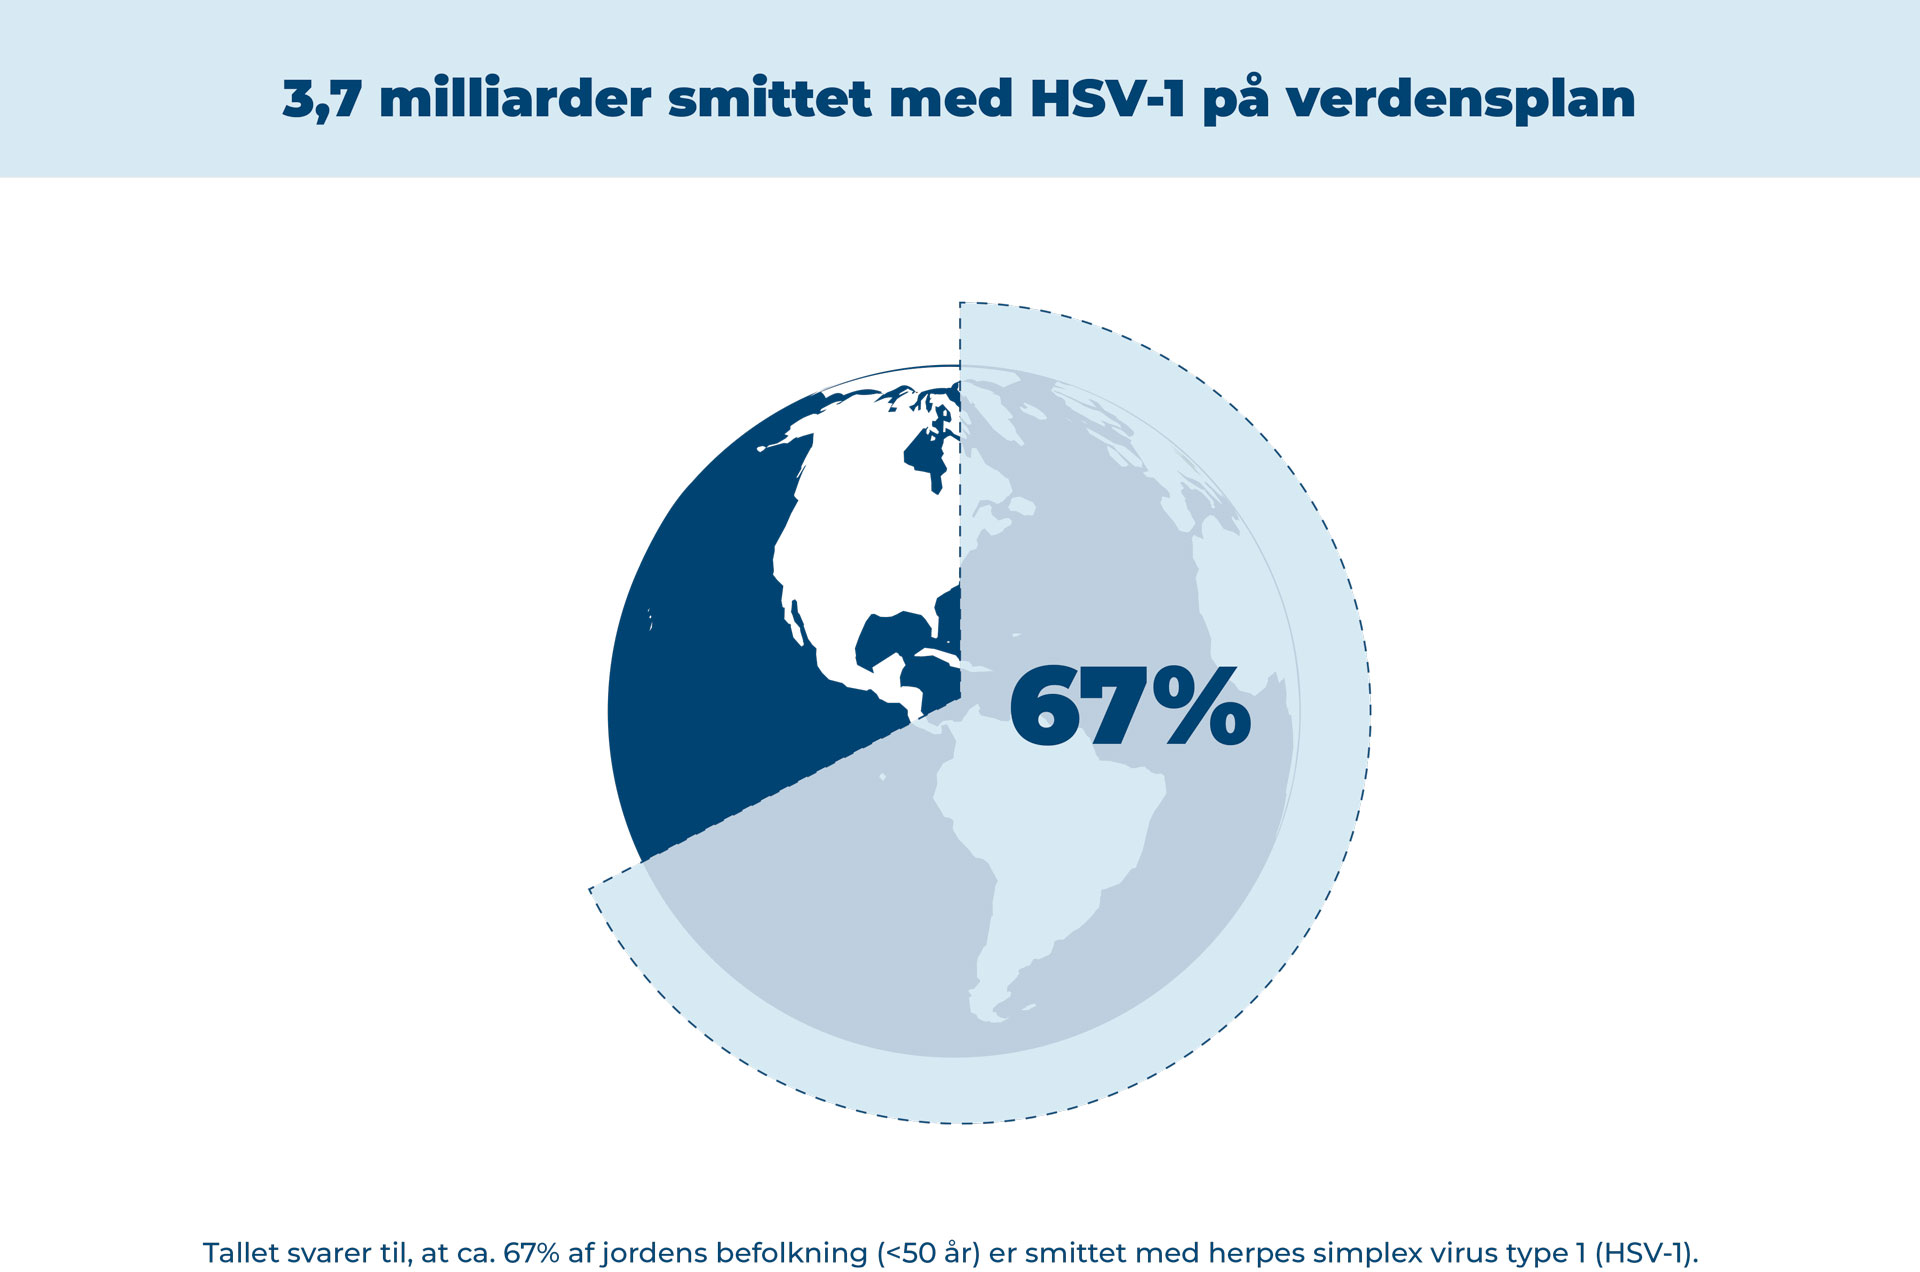 Antal smittede med HSV-1 på verdensplan